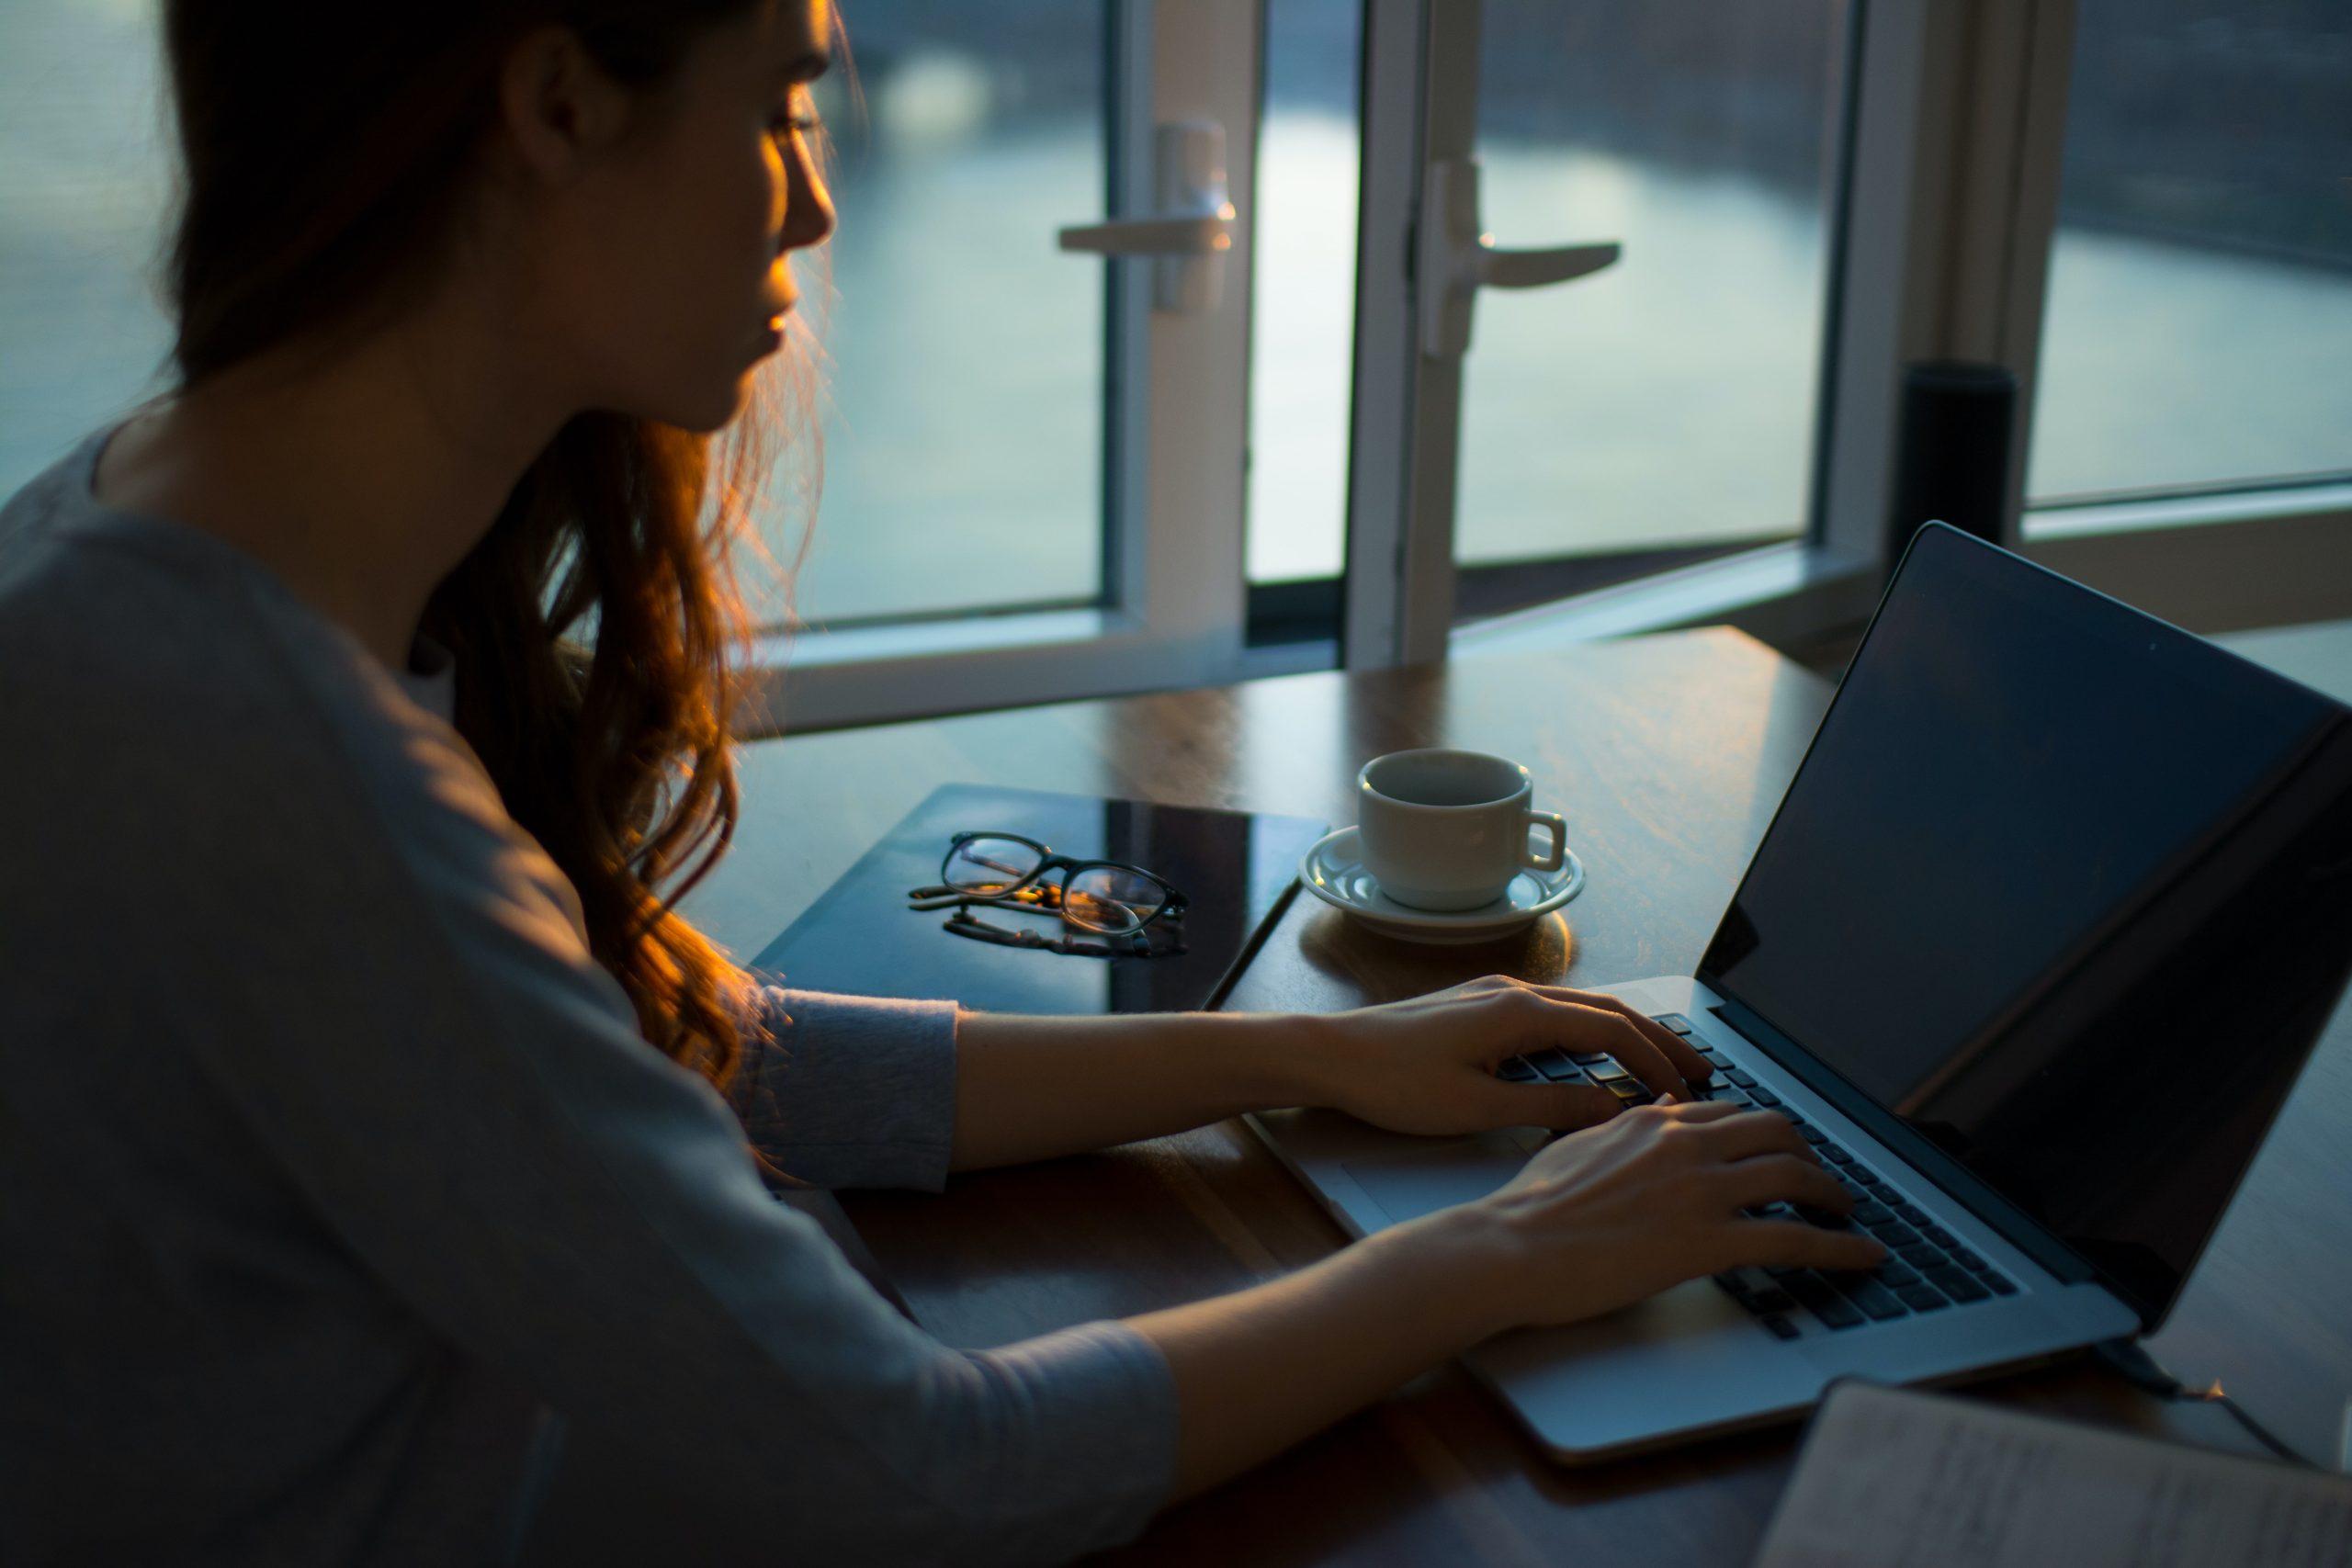 Lavoratori freelance, l'importanza del benessere psicofisico (e non solo)